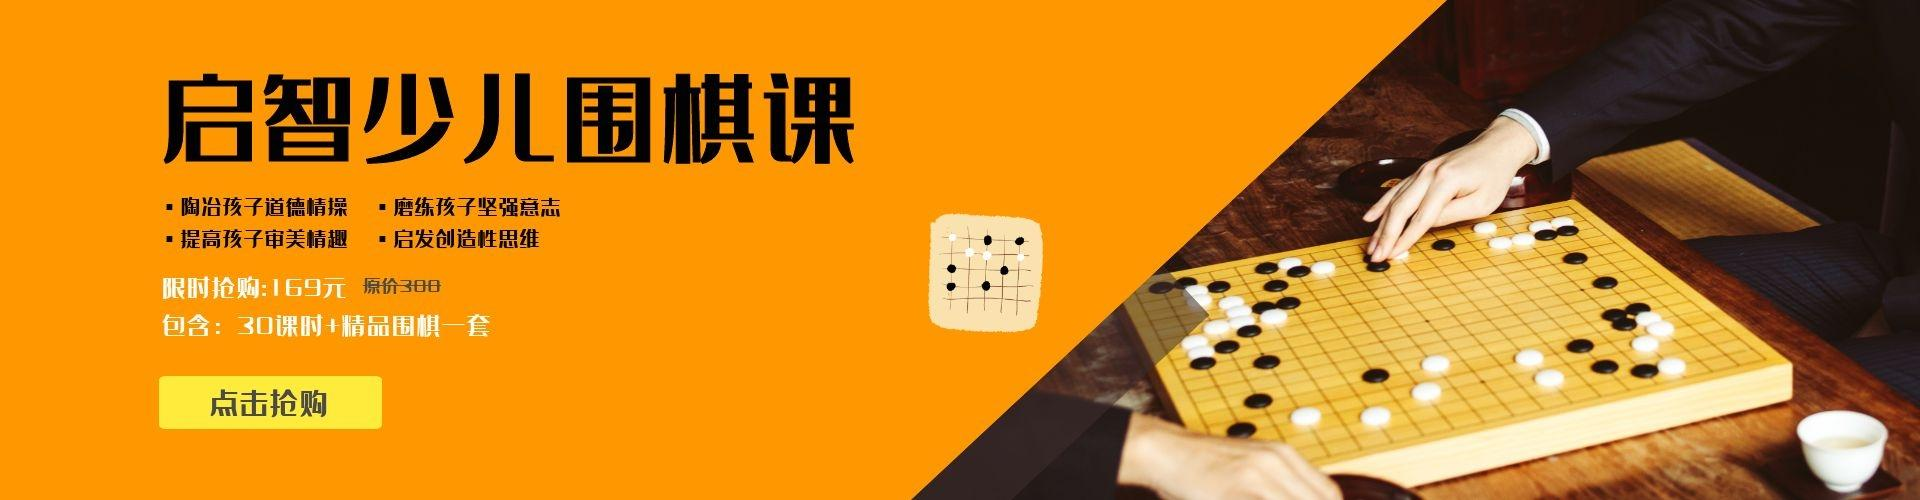 启智少儿围棋课30节+大礼包(棋子棋盘,入门教材)